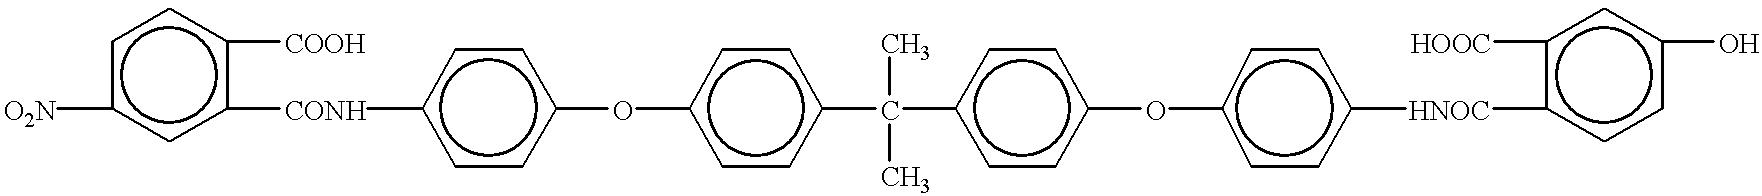 Figure US06180560-20010130-C00615